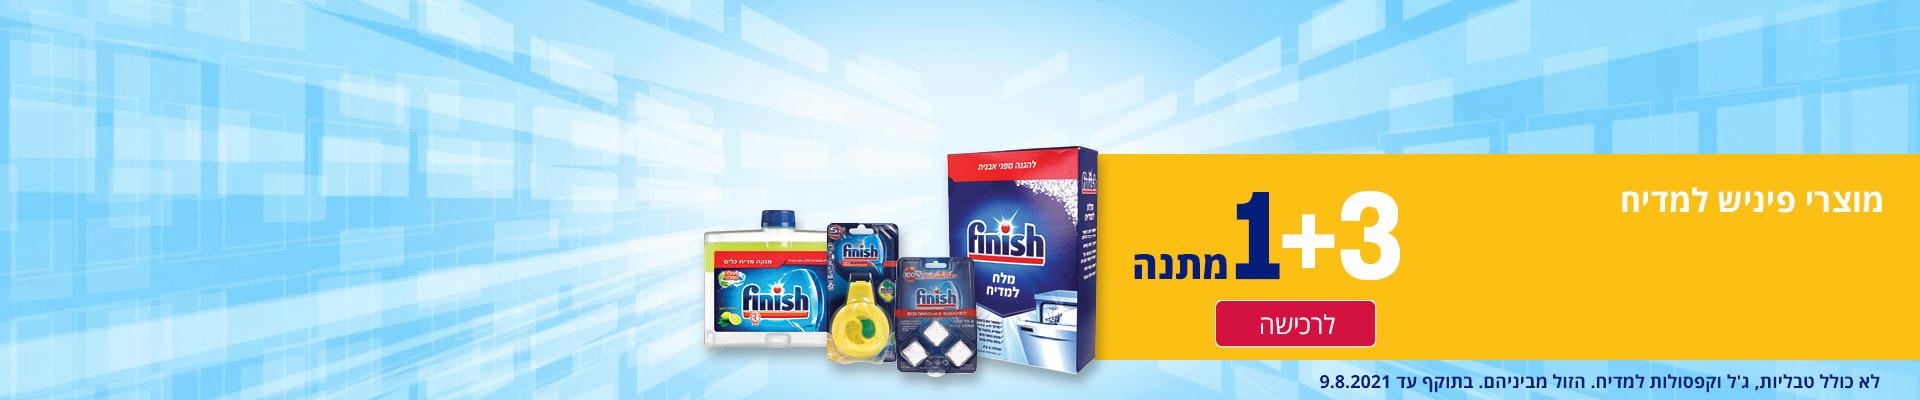 מוצרי פיניש למדיח 1+3 מתנה לרכישה לא כולל טבליות .ג'ל קפסולות למדיח . הזול מבניהם בתוקף עד 9.8.2021